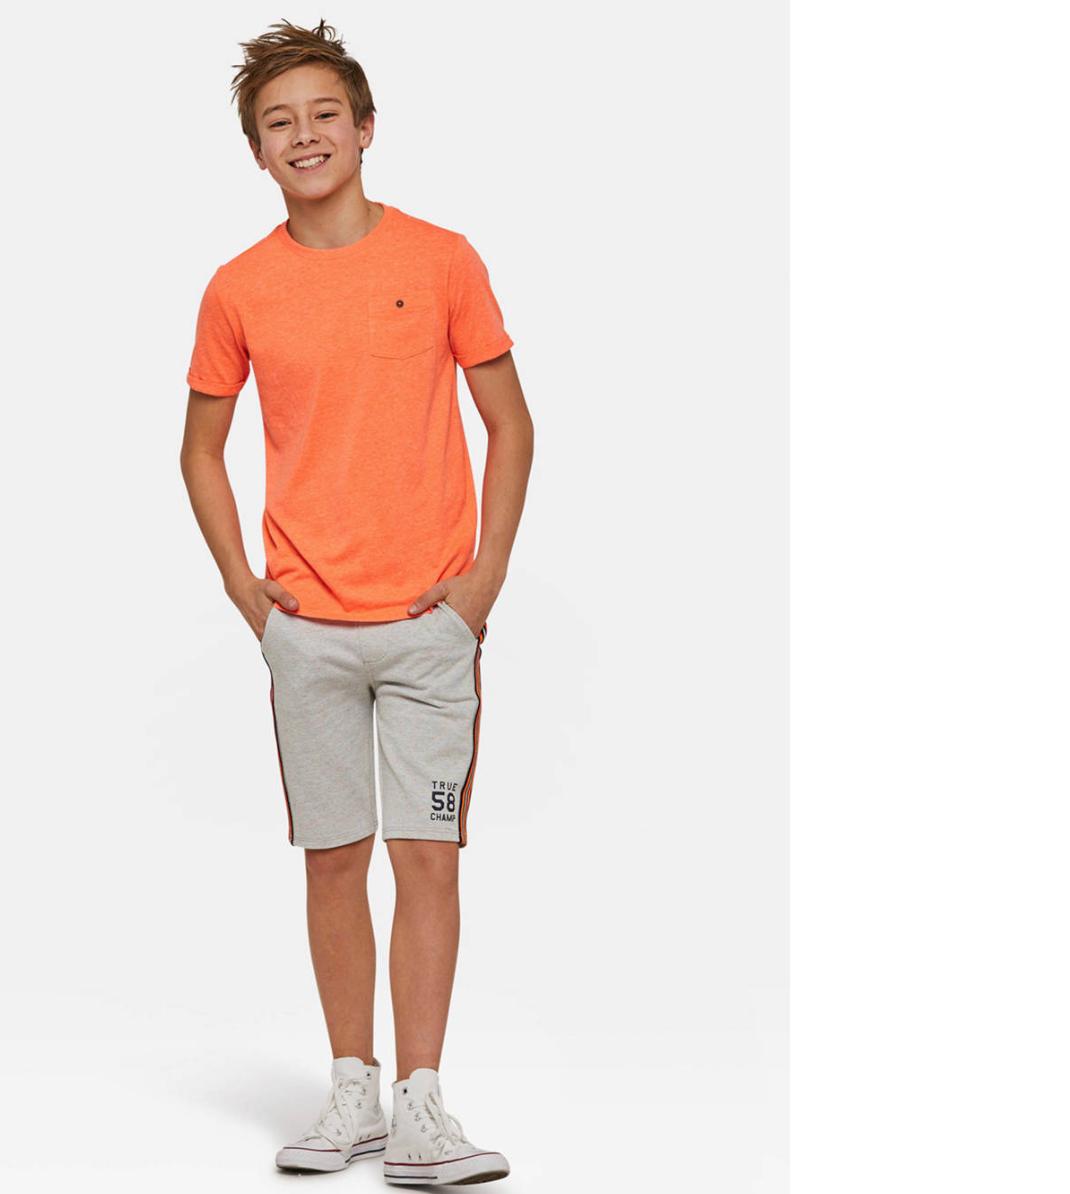 Oranje t-shirt jongen voor koningsdag